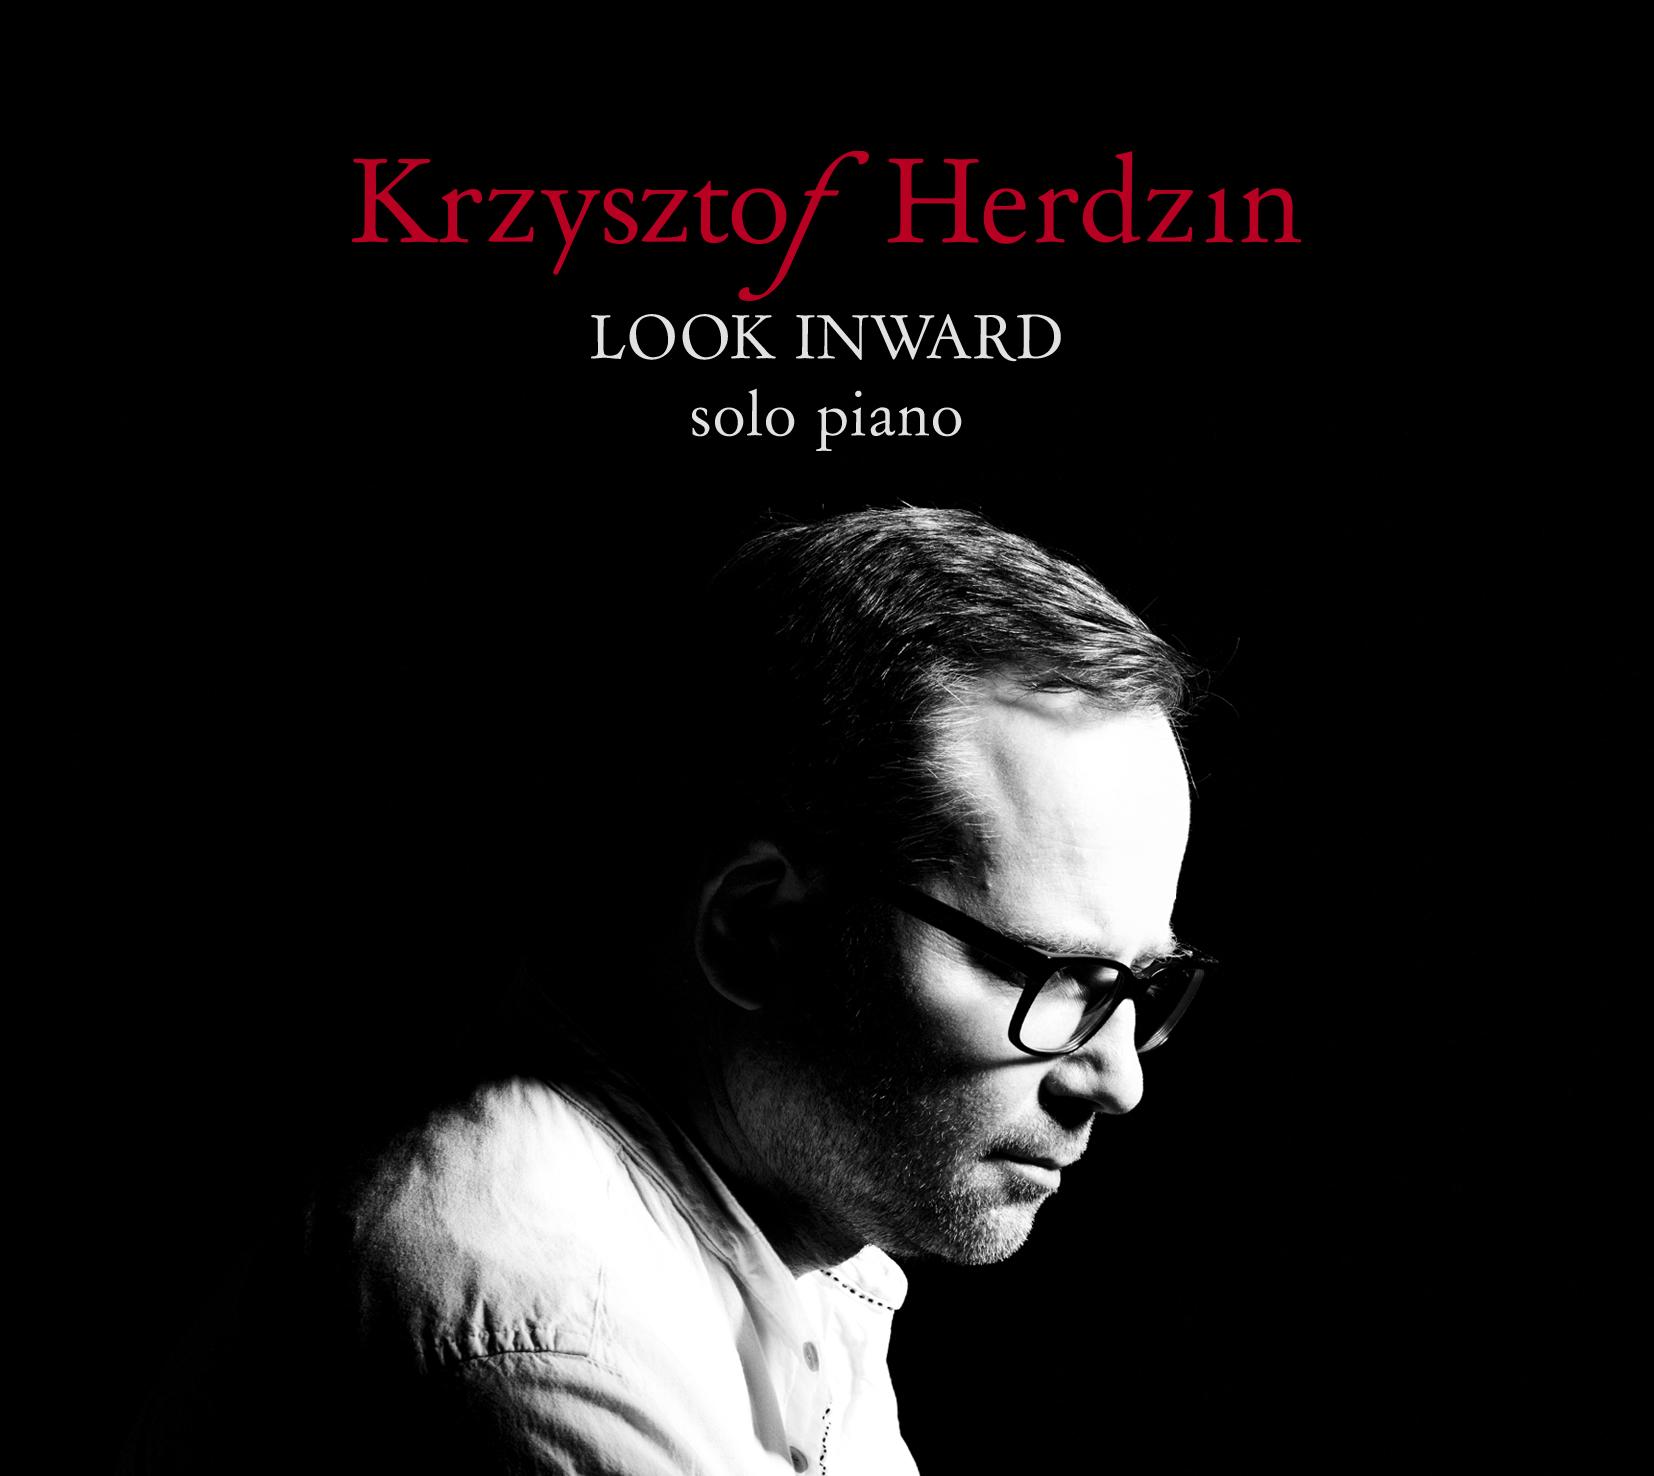 """""""Look Inward. Solo piano by Krzysztof Herdzin"""" (źródło: materiały prasowe wydawcy)"""